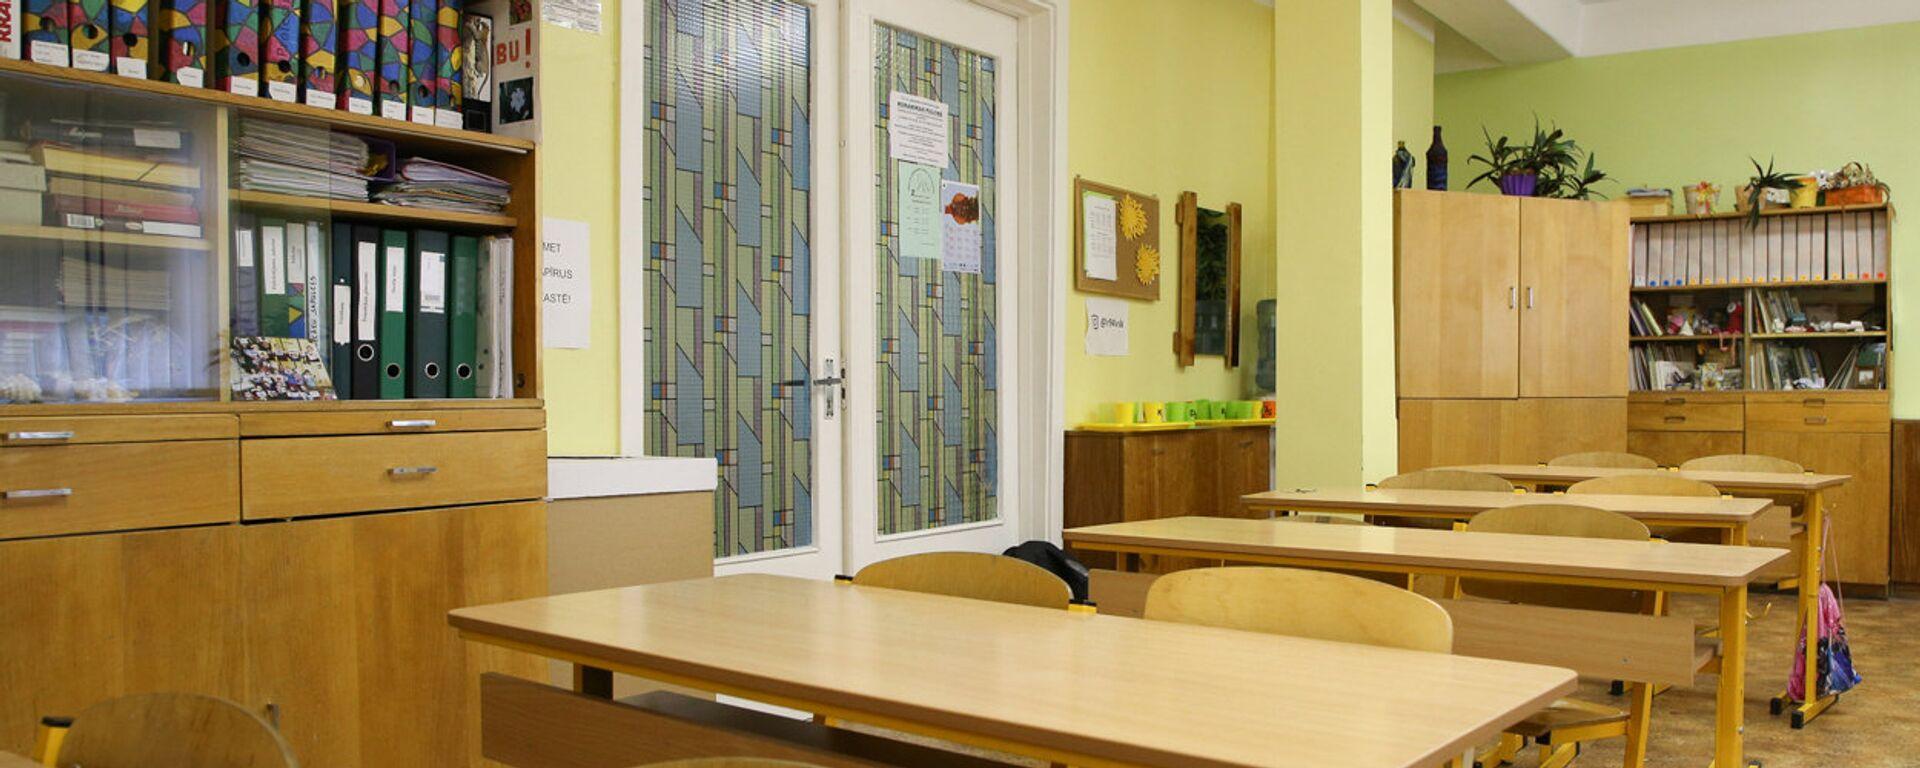 В школьном кабинете - Sputnik Латвия, 1920, 14.09.2021